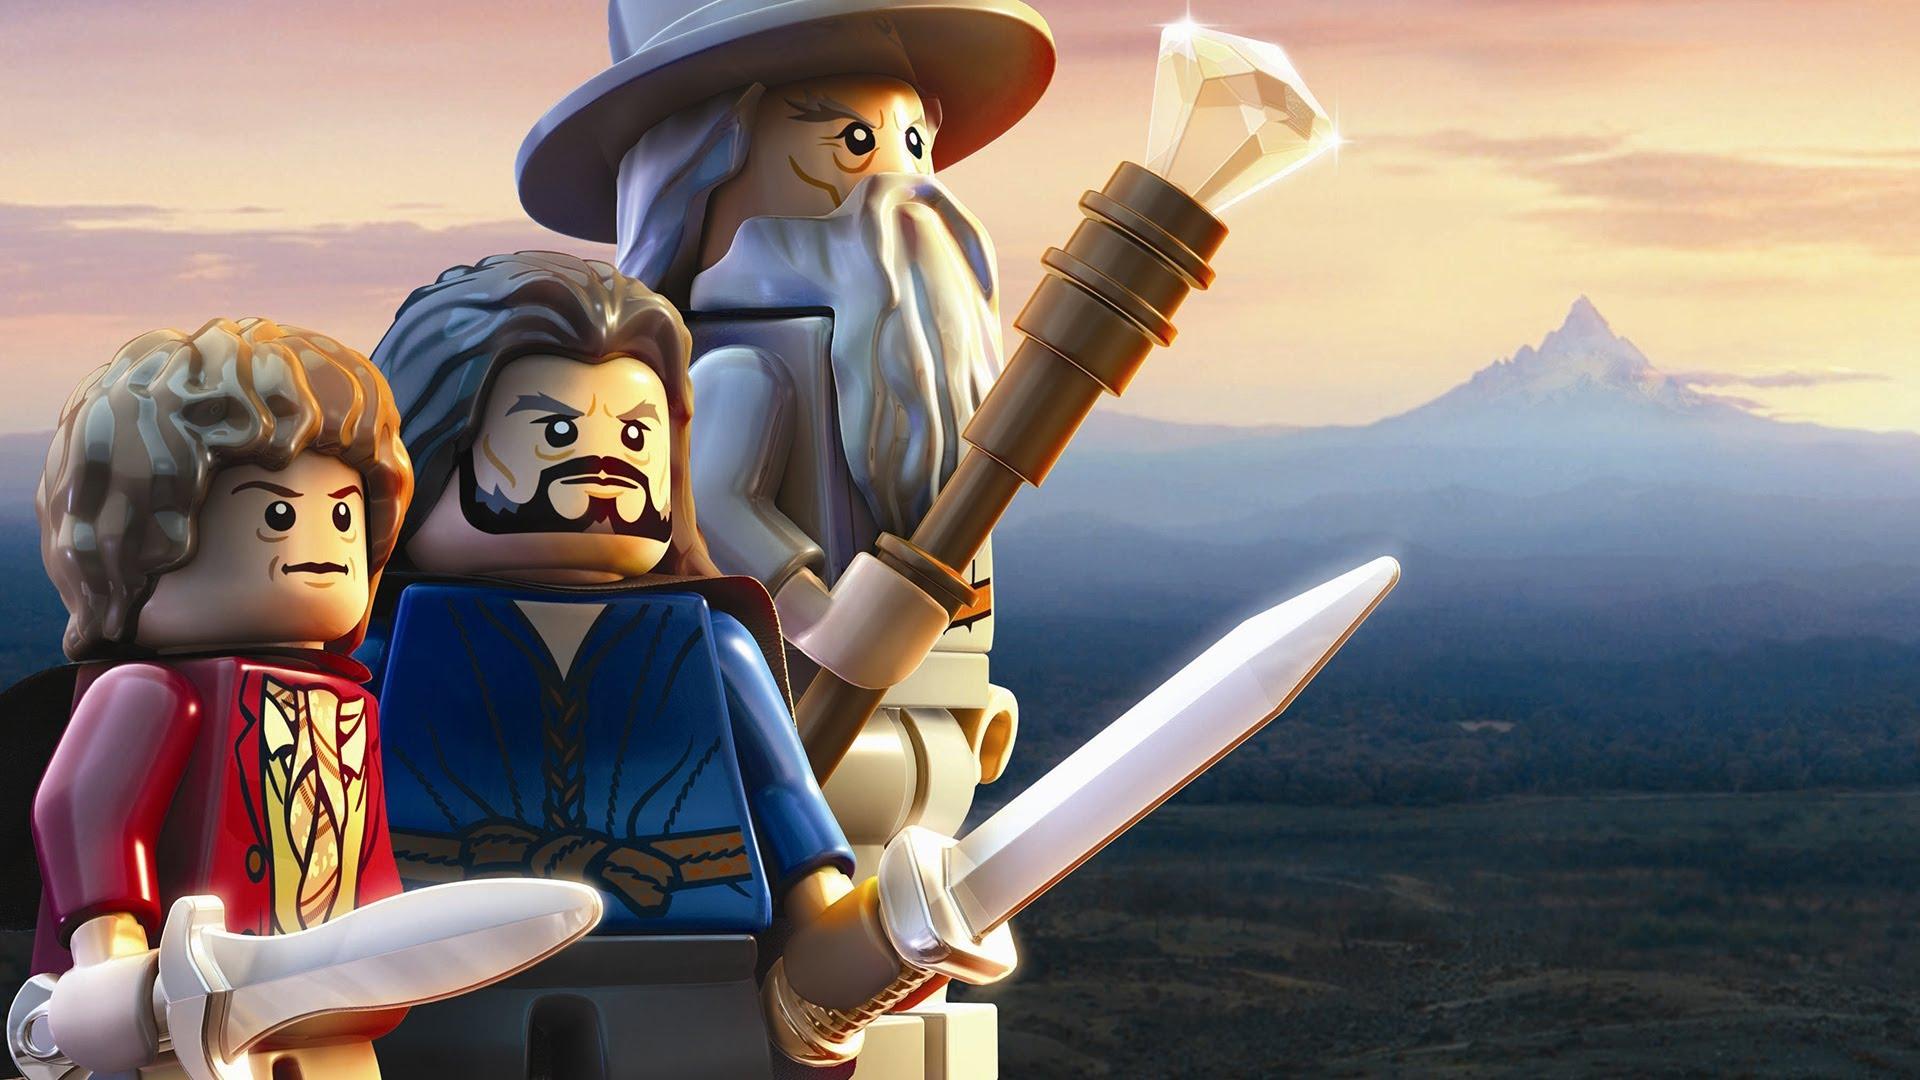 Lego: The Hobbit won't get Battle of the Five Armies DLC